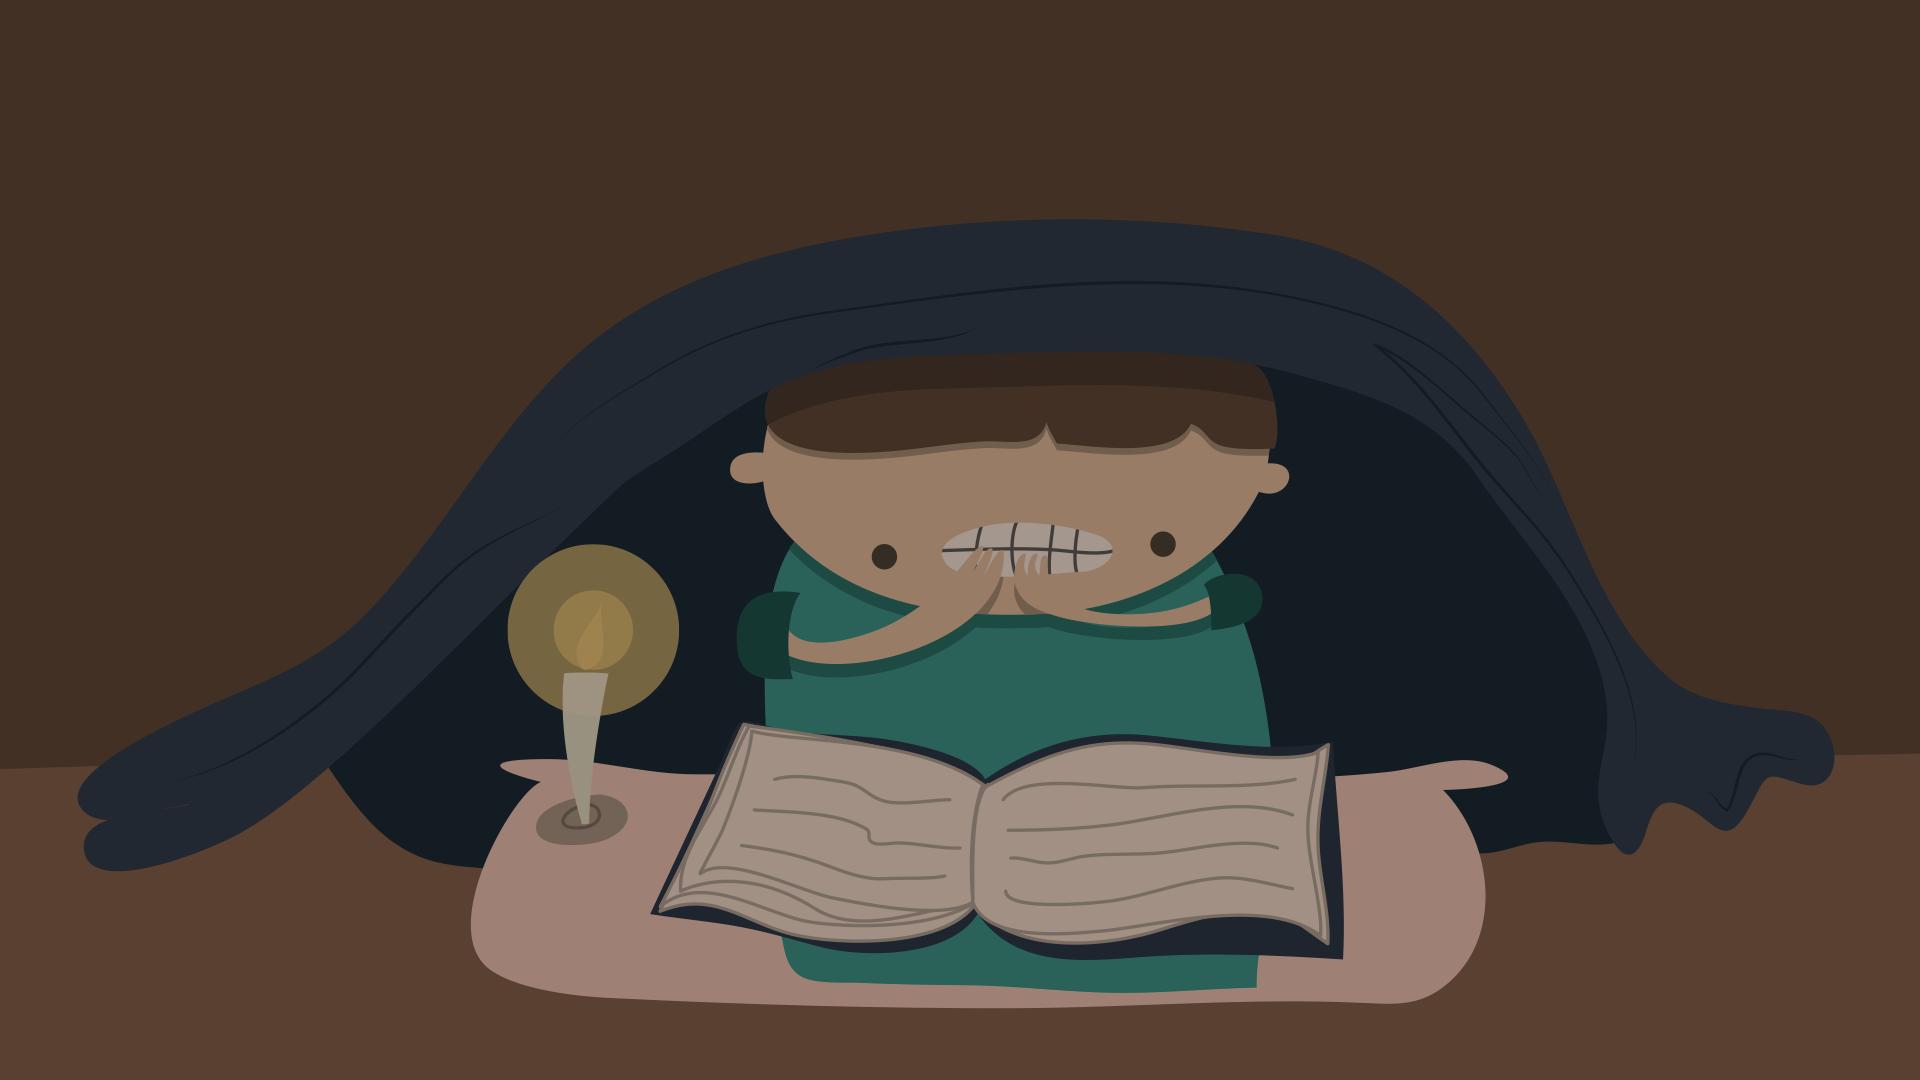 Livros que fazem as crianças crescerem #50: sob o feitiço das bruxas #2